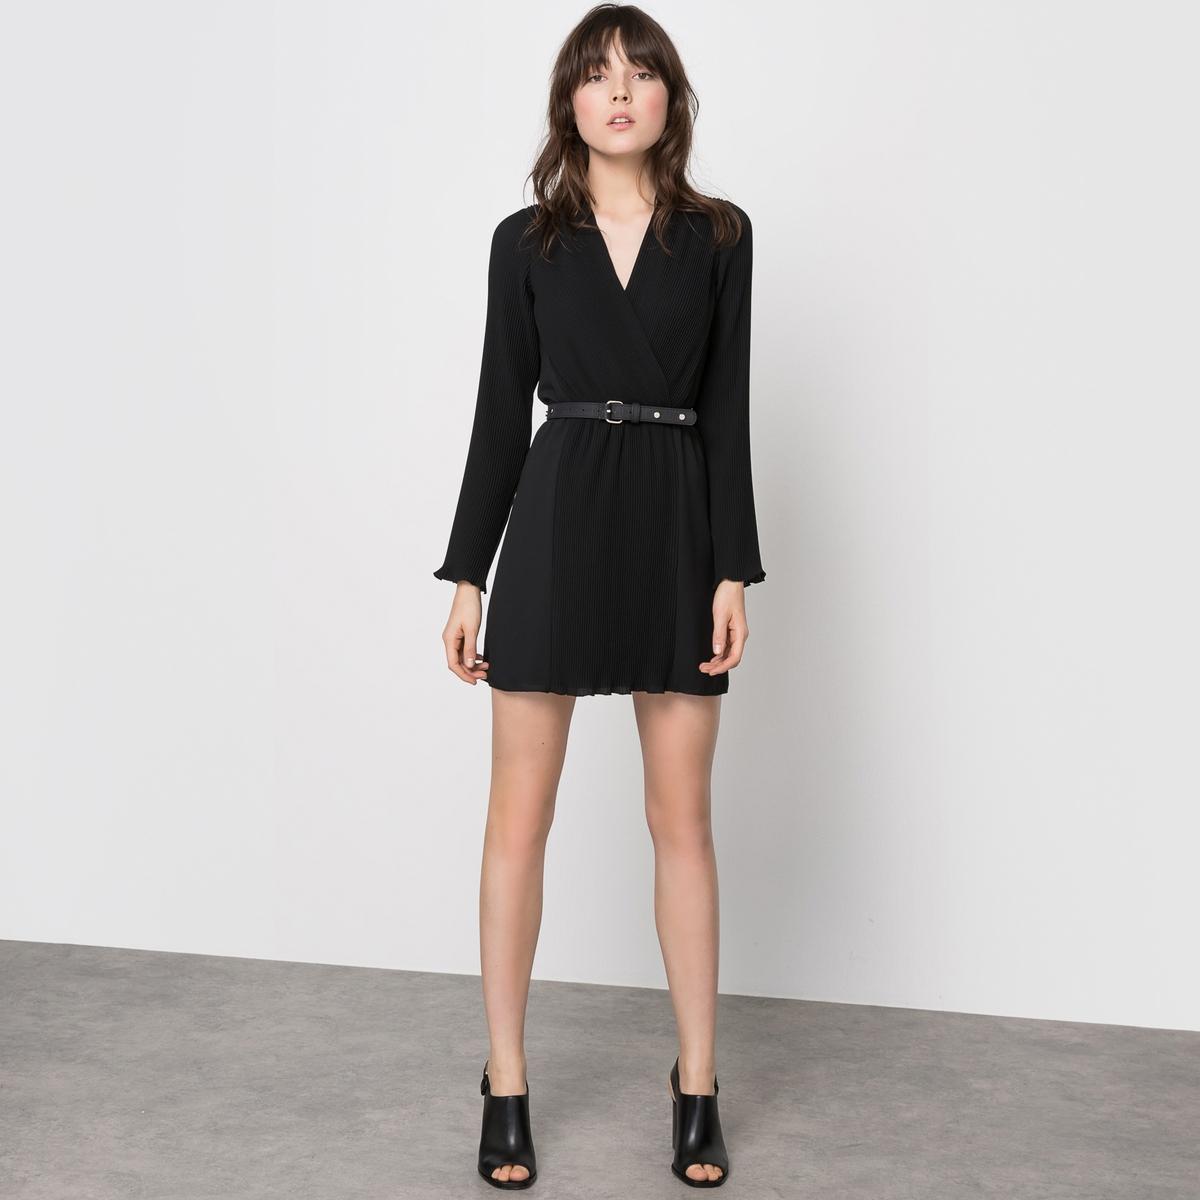 Платье плиссированноеПлиссированное платье. 97% полиэстера, 3% эластана. Подкладка из полиэстера. Длинные рукава с плиссировкой. Эластичный пояс. Вставки с плиссировкой вверху спины. Длина 87 см. Ремень в комплект не входит, ищите его на нашем сайте.Модный Дом Carven создал для La Redoute весенне-летнюю коллекцию, которая так и манит отправиться в путешествие.Вдохновленная униформой стюардесс, созданной мадам Карвен в 60-е, Алексис Марсьяль и Адриан Кайодо внесли оттенок легкости и воздушности в этот яркий гардероб.Превосходные плиссированные ткани - символ дизайнерского искусства и высокой техники обоих домов моды.<br><br>Цвет: черный<br>Размер: 40 (FR) - 46 (RUS).42 (FR) - 48 (RUS).44 (FR) - 50 (RUS)